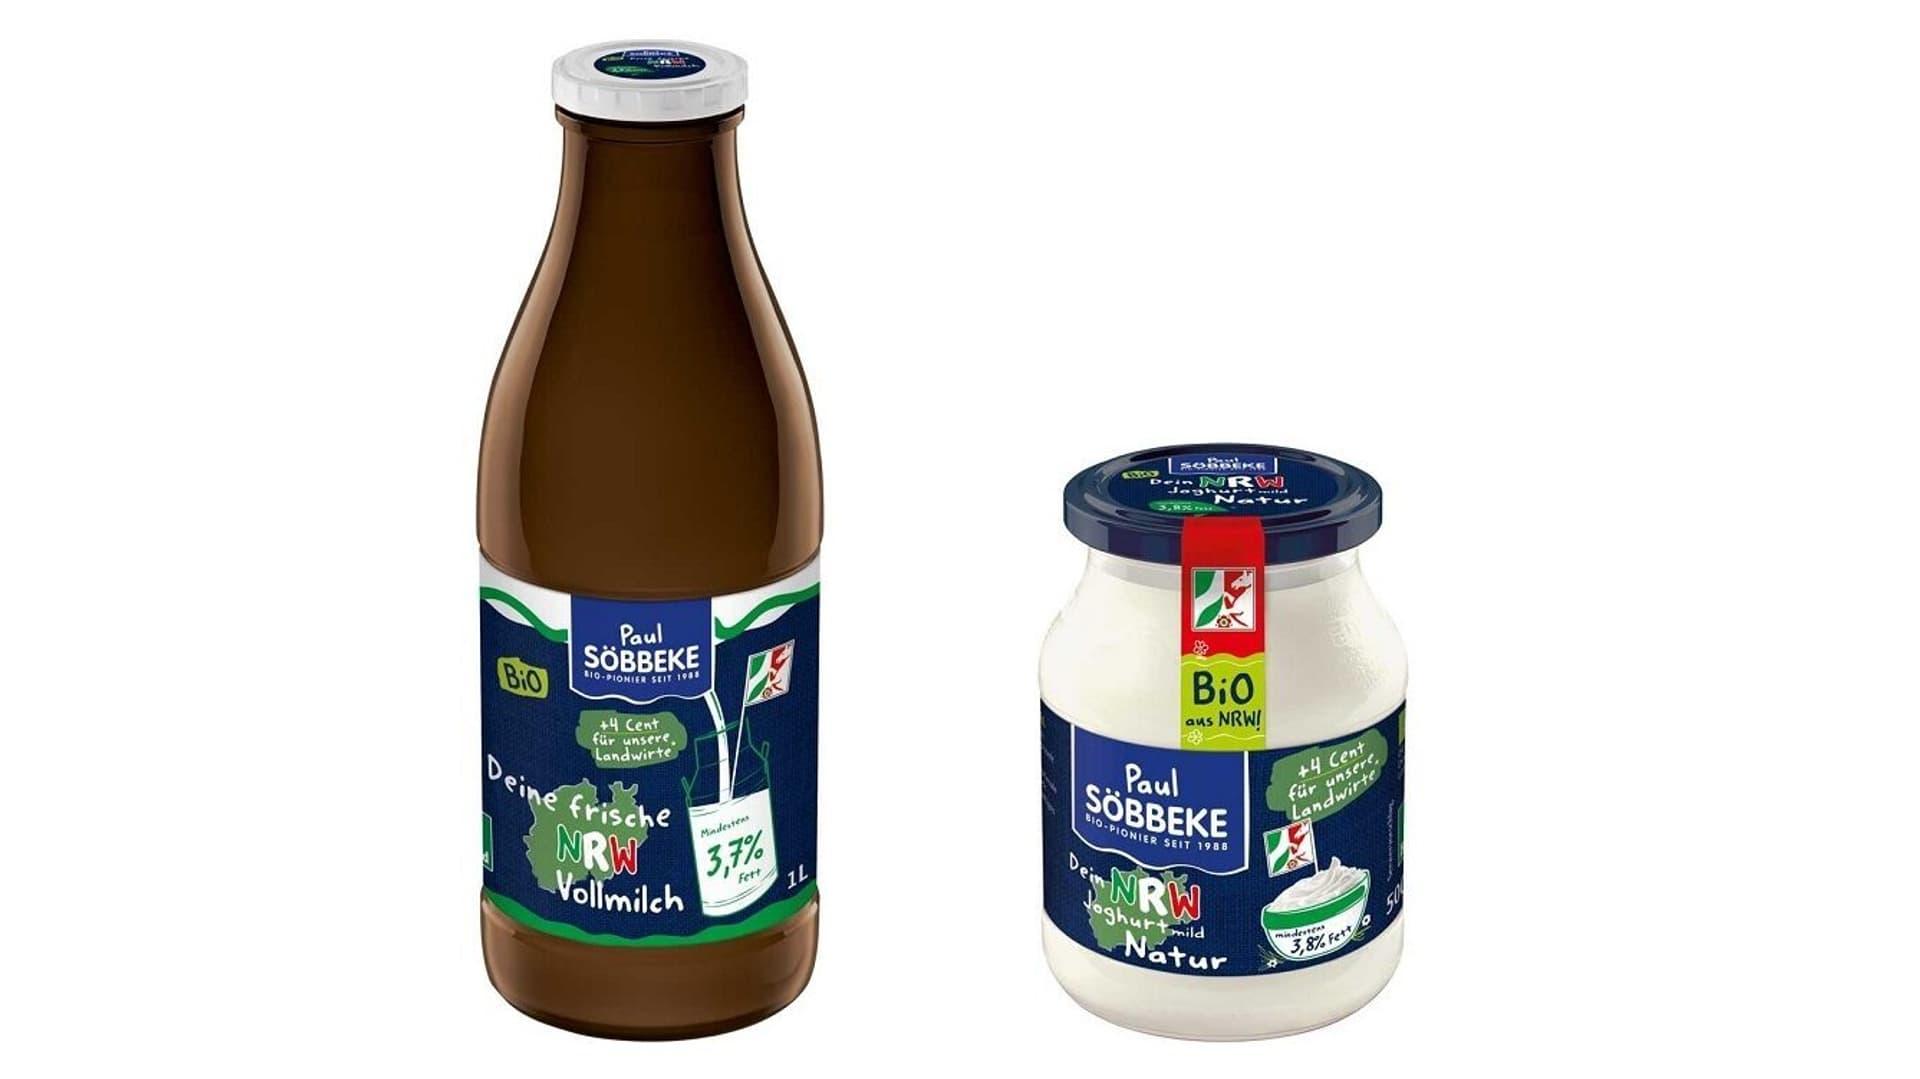 Produkte der NRW-Linie von Söbbeke